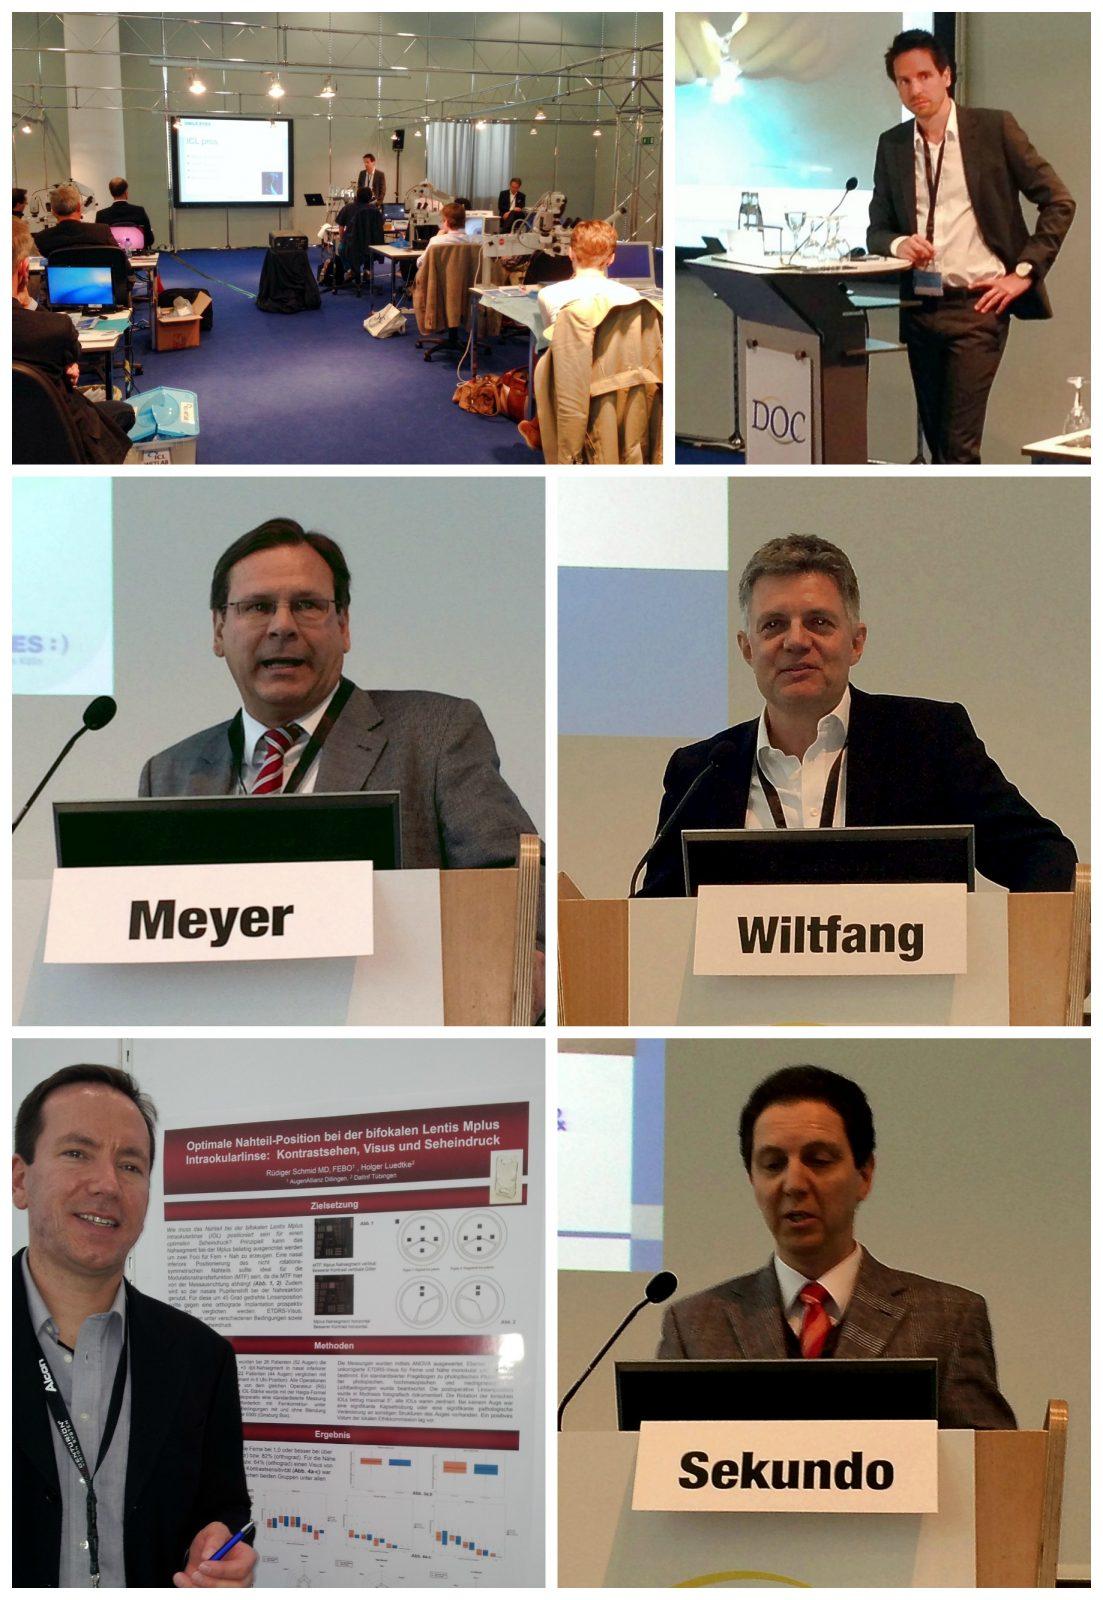 Impressionen vom DOC Fachkongress 2014 in Nürnberg